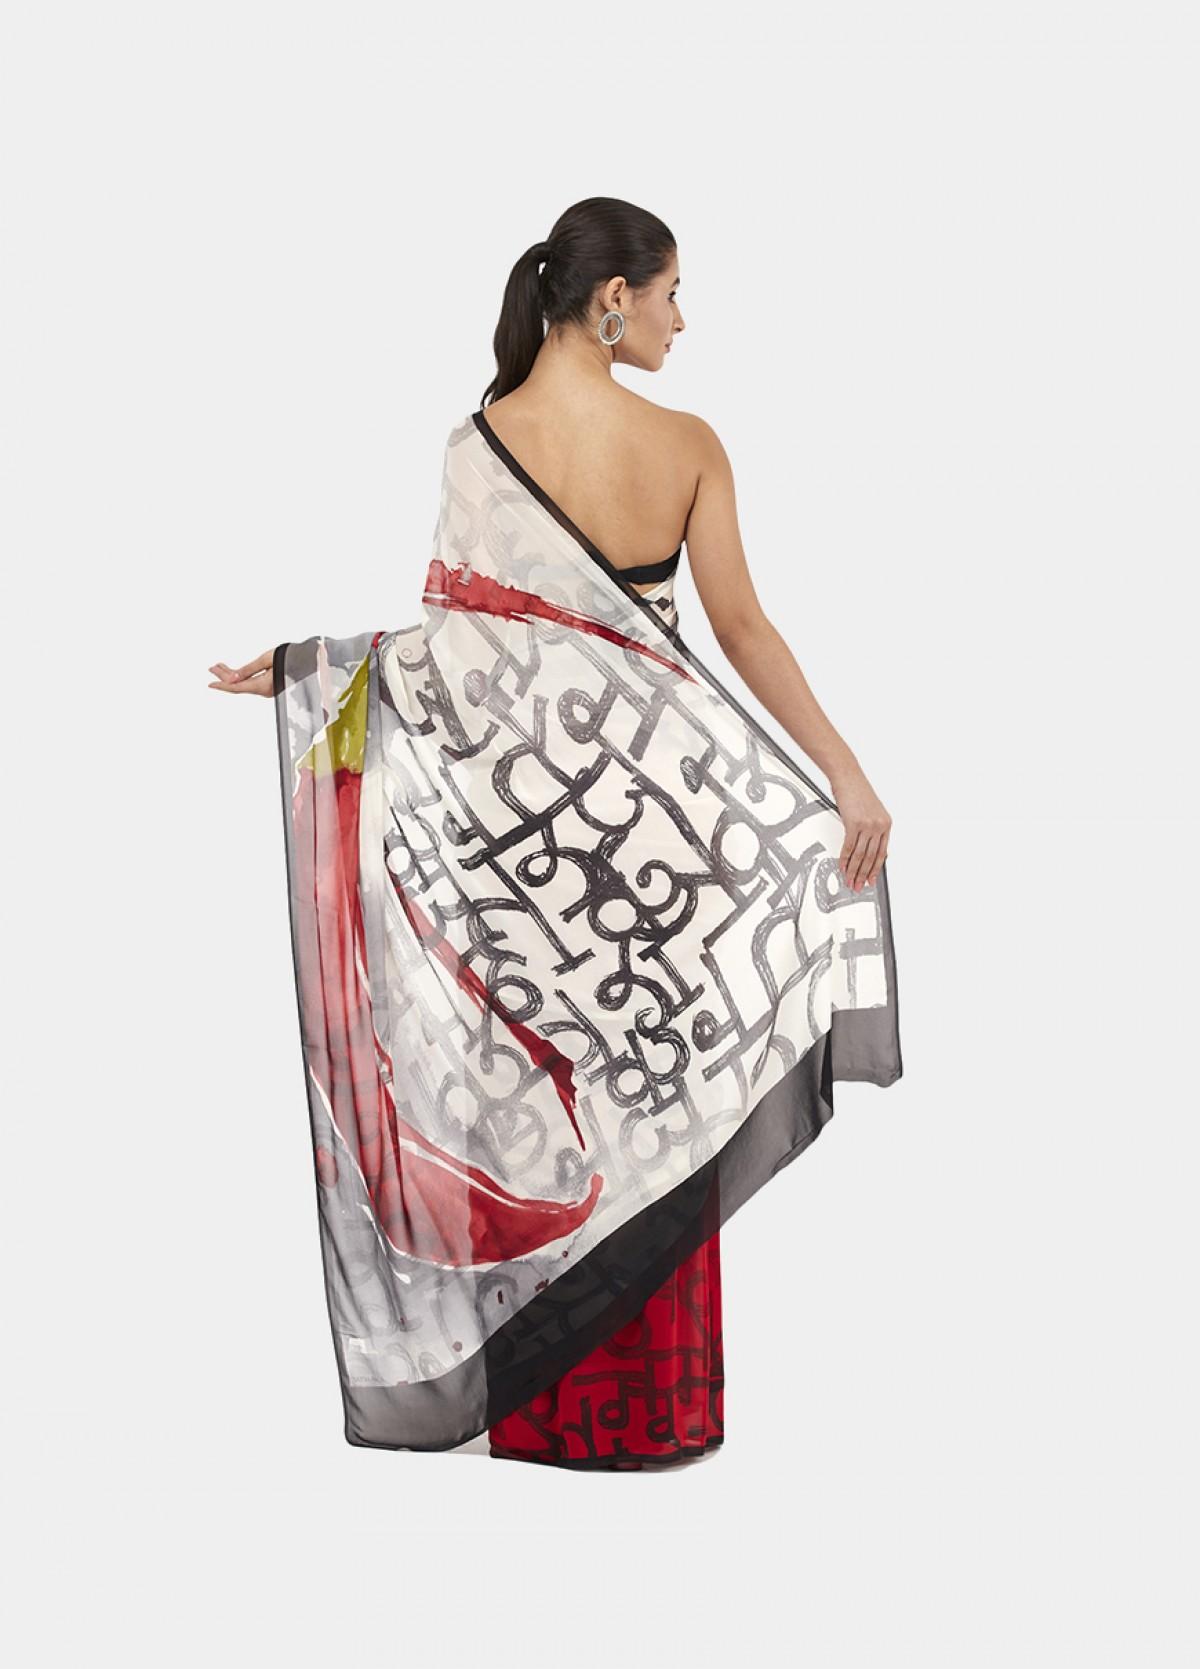 The Mirchi Sari